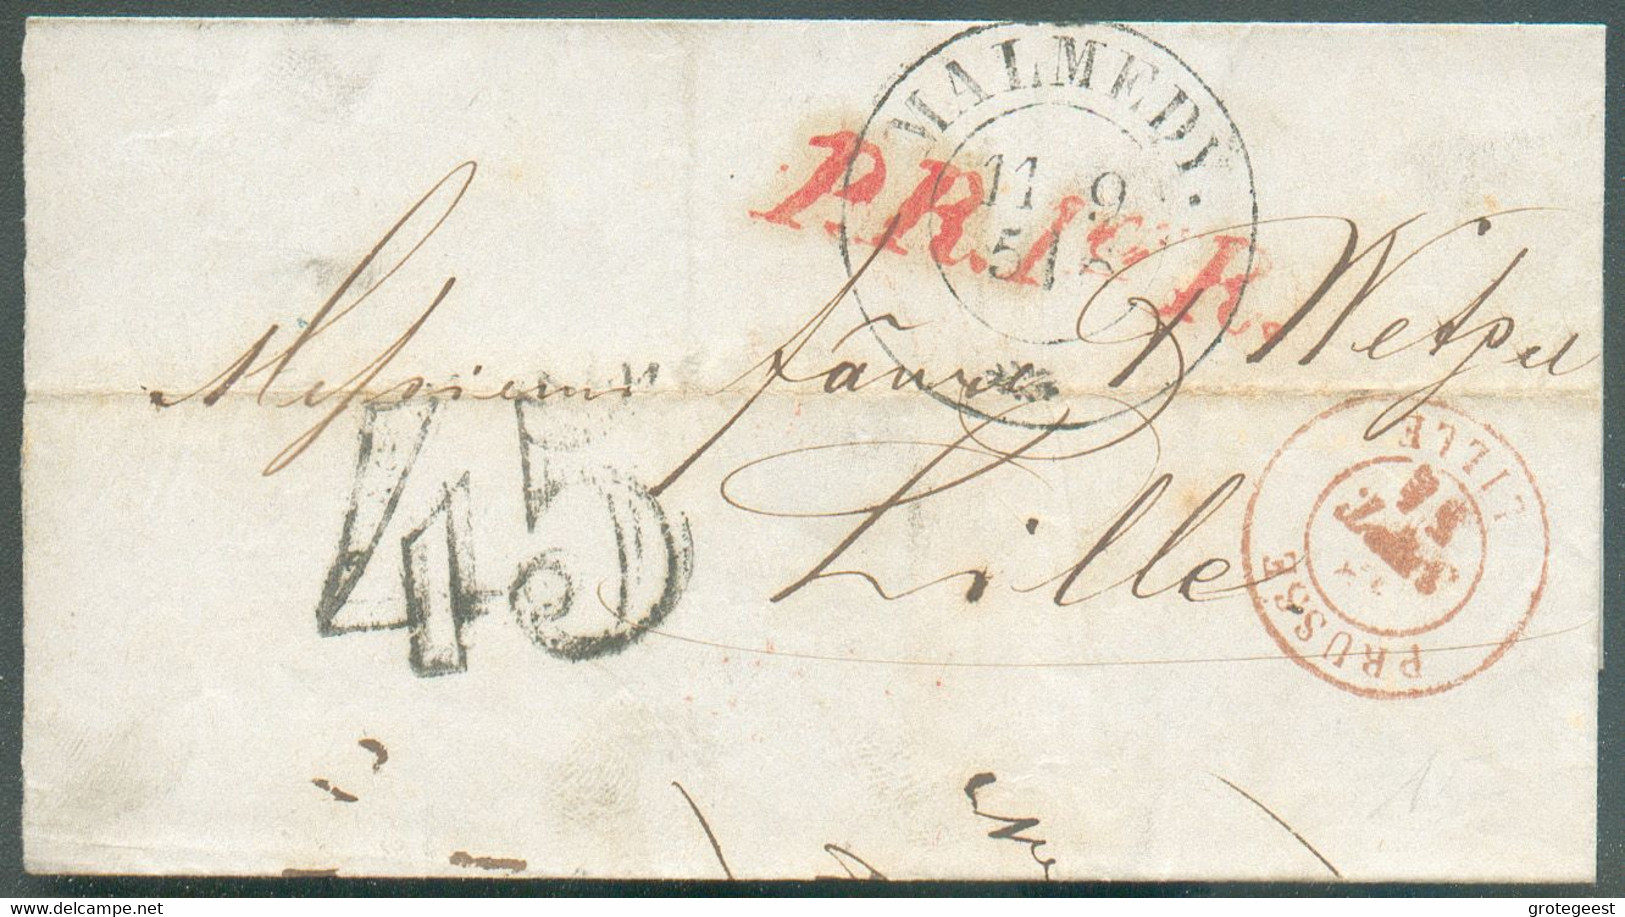 LSC De MALMEDYle 11.9.1851 + Griffe Rouge P.R.1er.R.vers Lille ; Taxée '45' Kr. (au Tampon). -TB- 16595 - 1830-1849 (Unabhängiges Belgien)